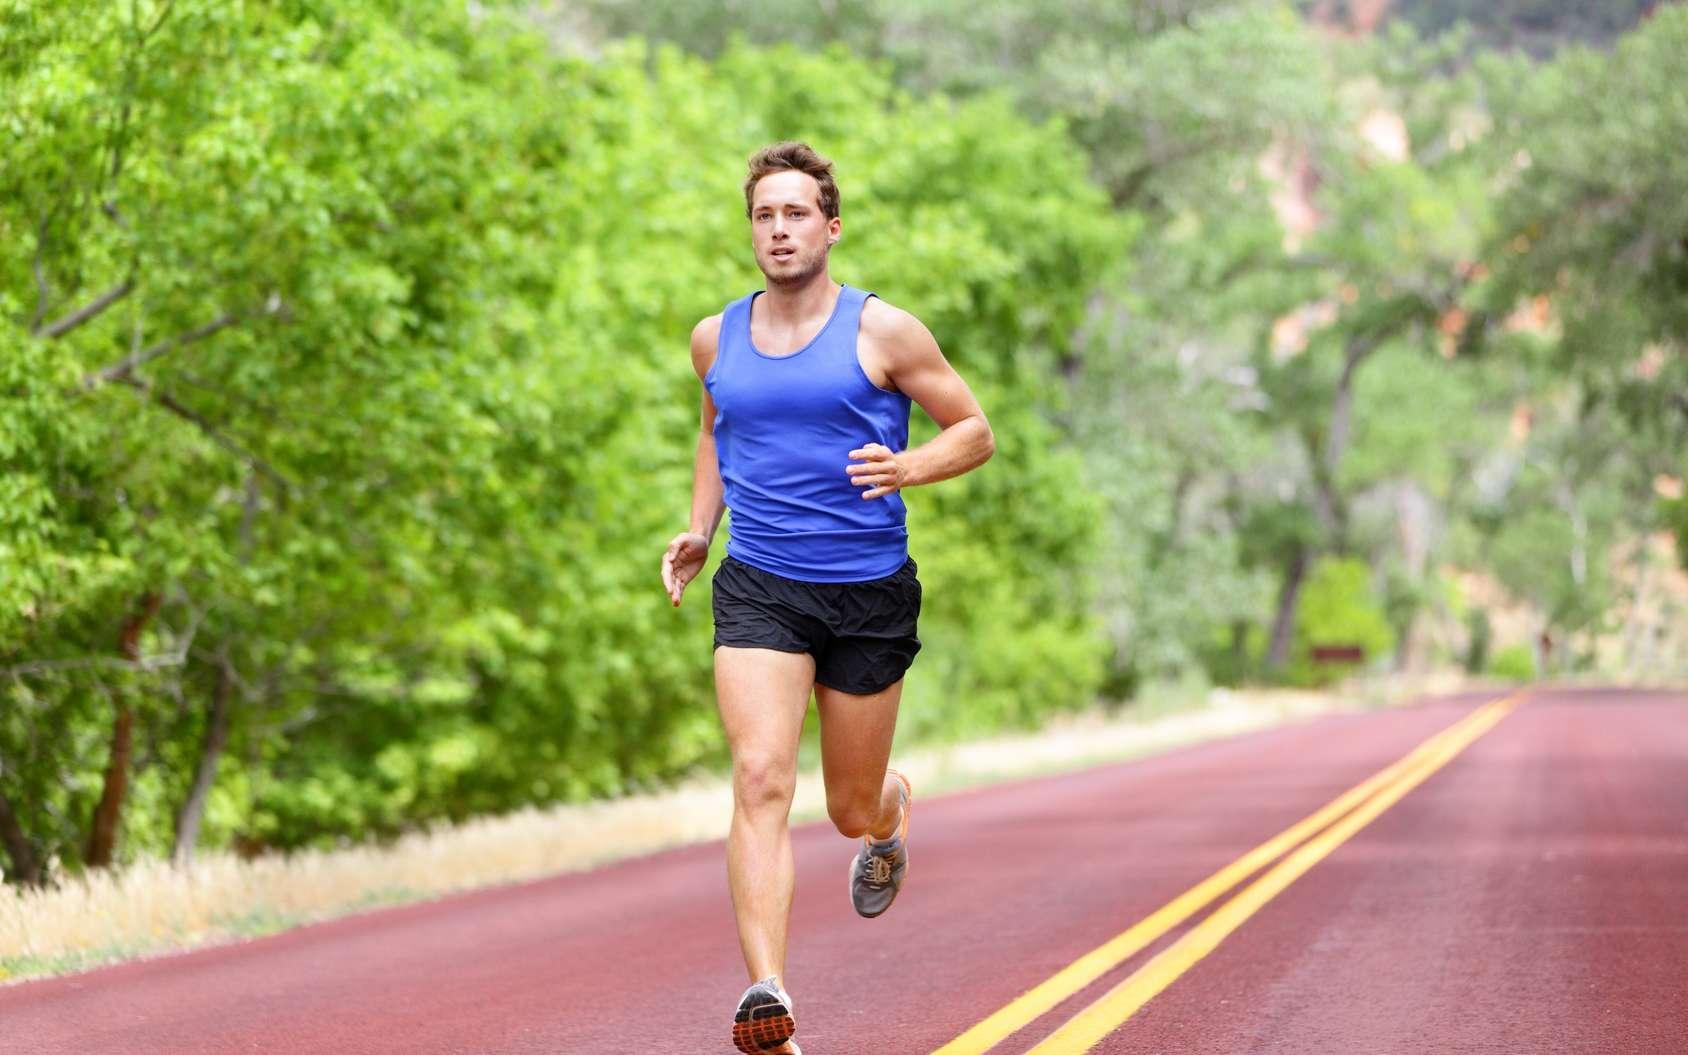 L'entraînement par intervalle (HIIT) consiste à alterner de courtes séquences d'exercice intense aérobie (sprint…) et des exercices plus modérés. © Maridav, Fotolia